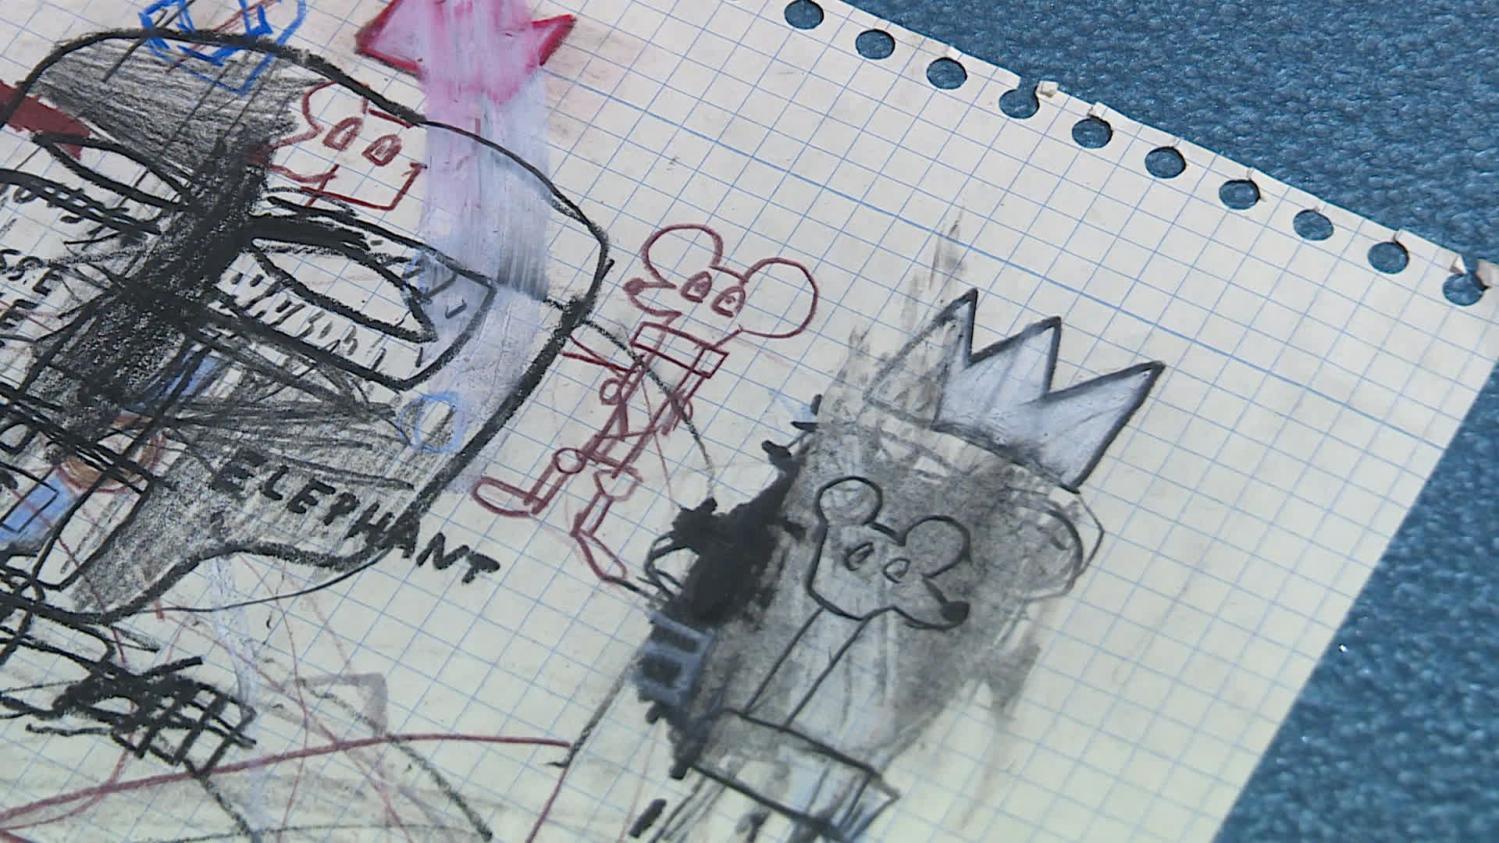 """""""Ils le font passer pour un débile mental"""" : un collectionneur d'art assure que l'expo Basquiat à Nuits-Saint-Georges est une supercherie"""